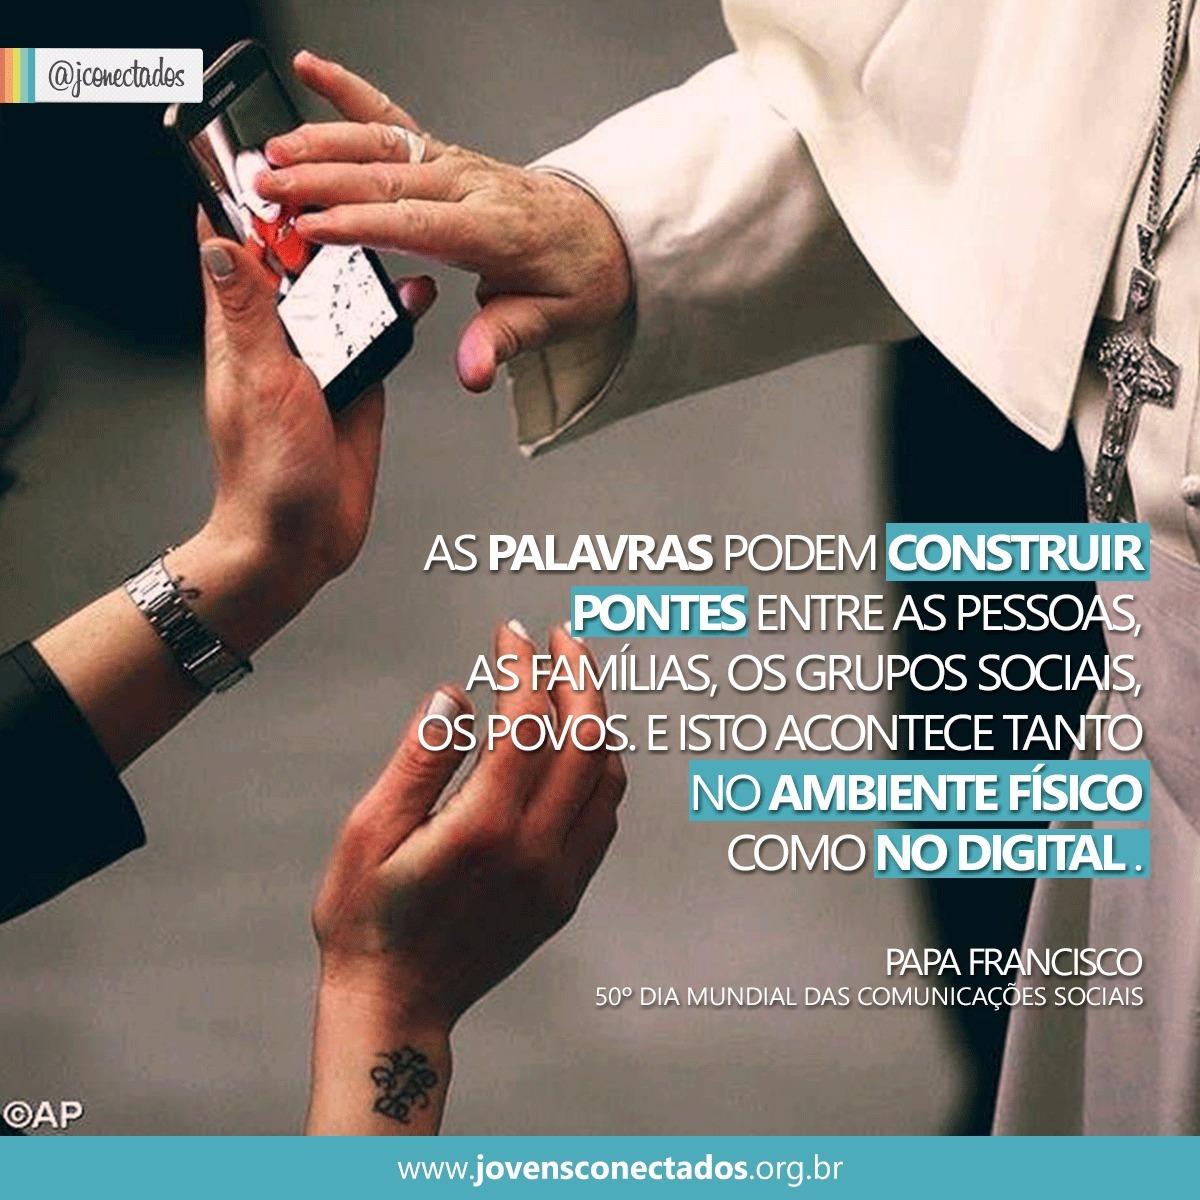 Mensagem do Papa para o 50° Dia Mundial das Comunicações Sociais